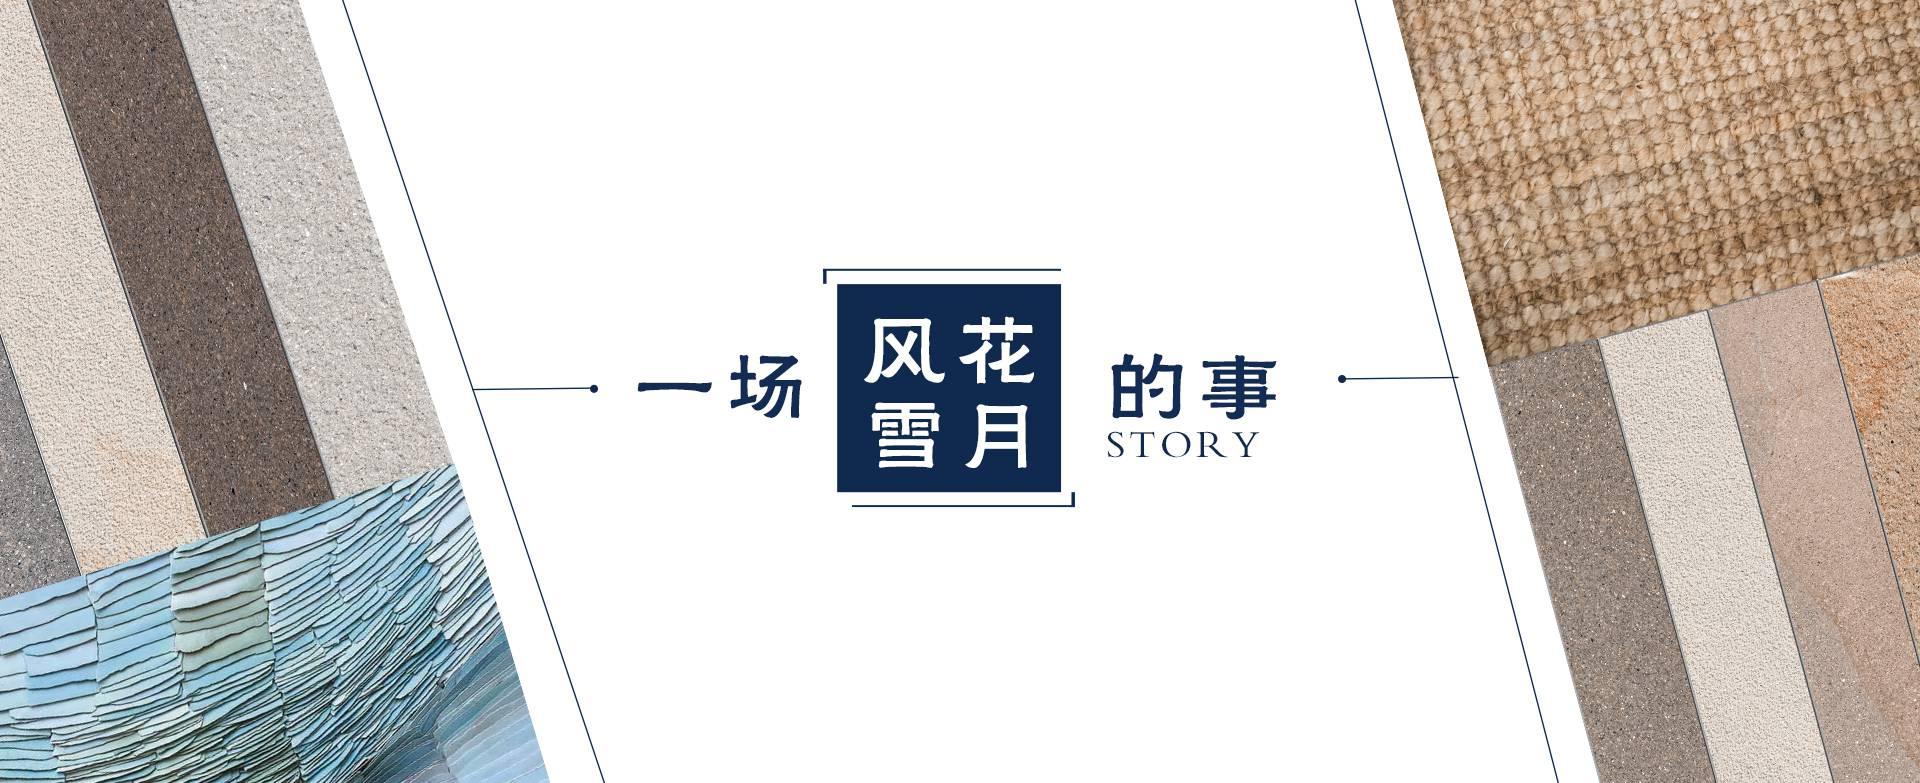 """协进陶瓷凭借""""一场风花雪月的事""""展会成知名瓷砖品牌、中国瓷砖十大品牌"""